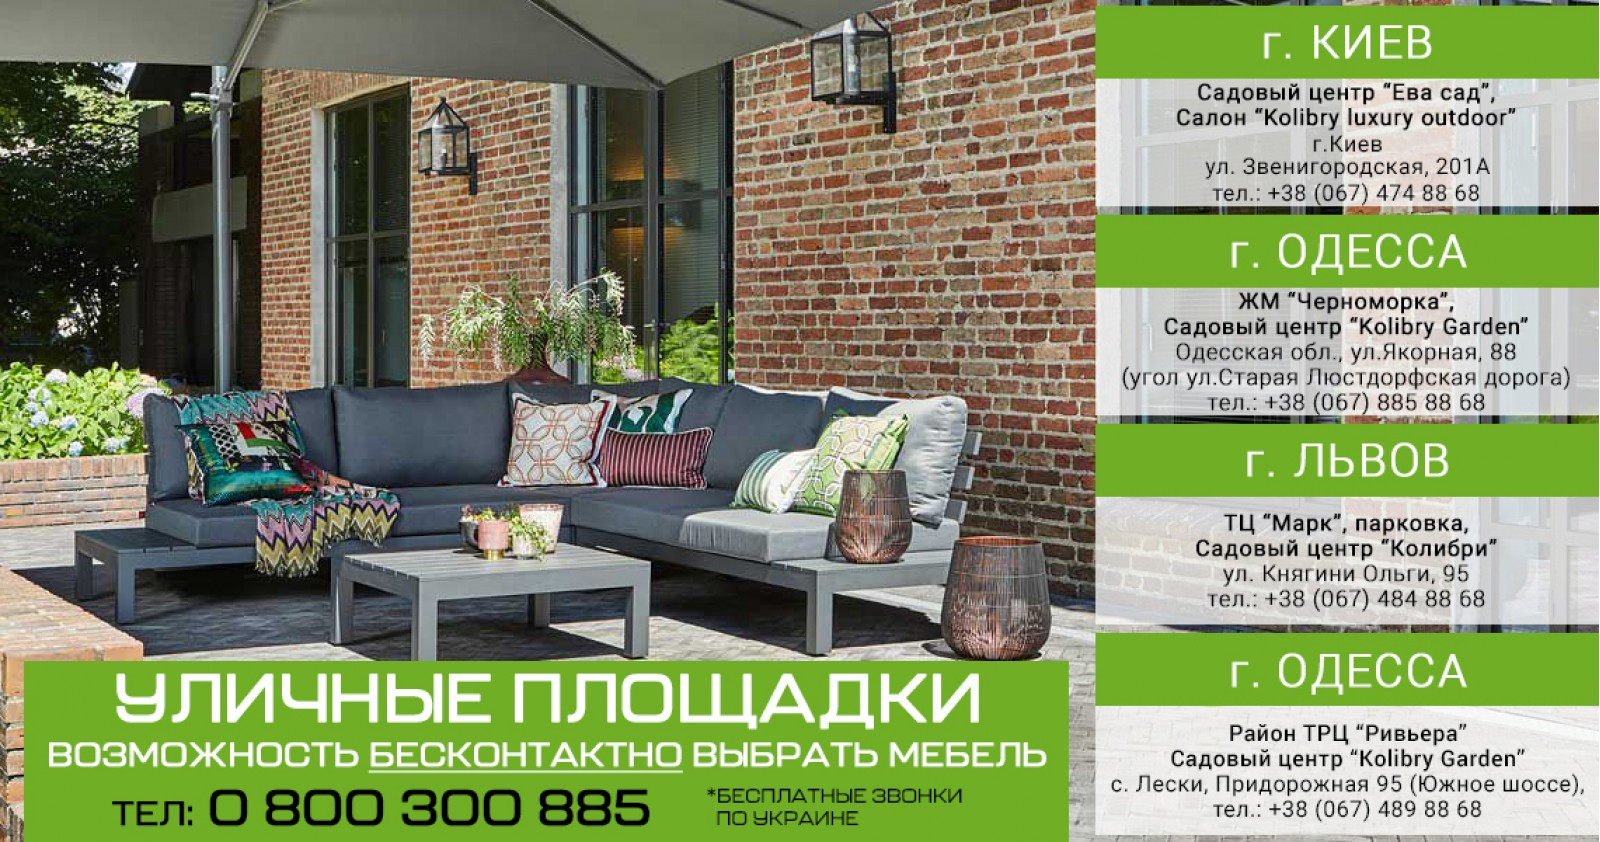 Возможность бесконтактно выбрать мебель | Kolibry Luxury Outdoor